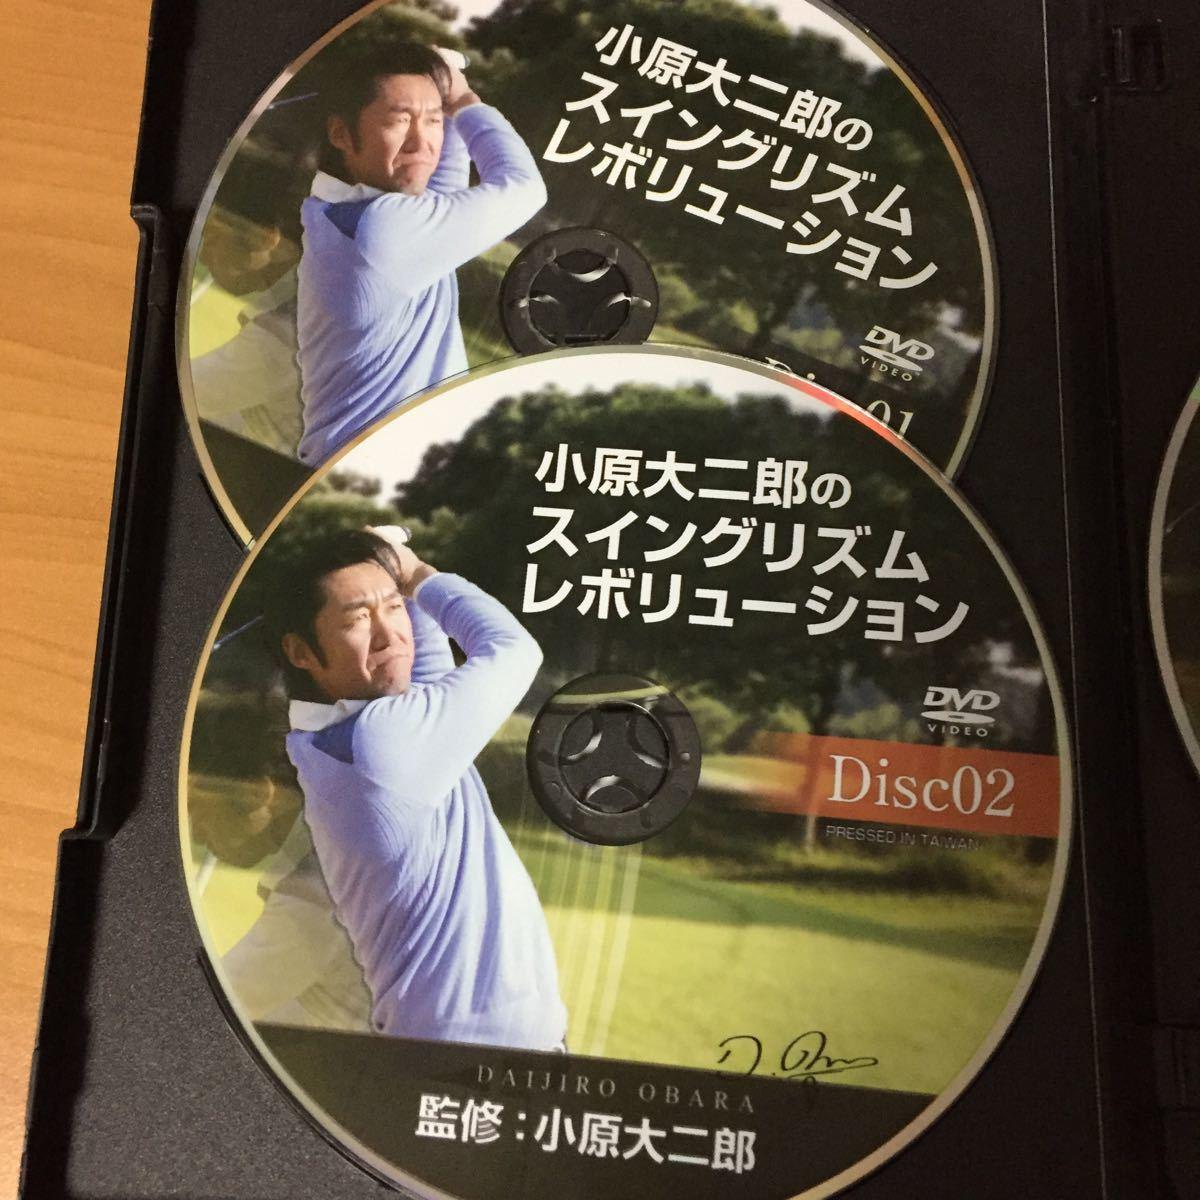 ゴルフDVD 小原大二郎のスイングリズムレボリューション DVD5枚組_画像2